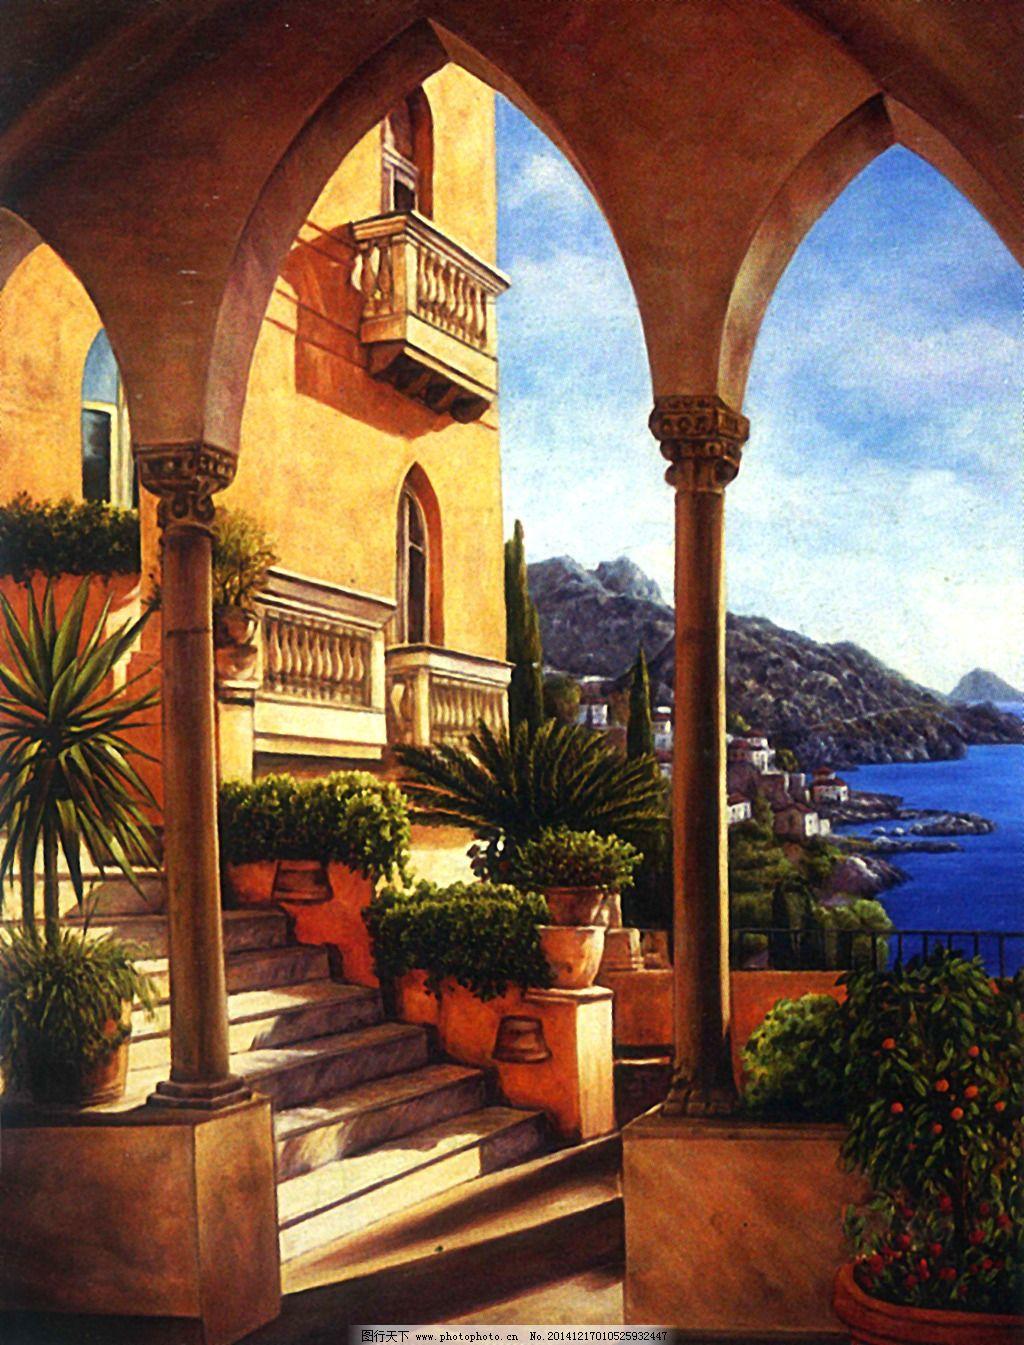 海邊別墅油畫風景免費下載